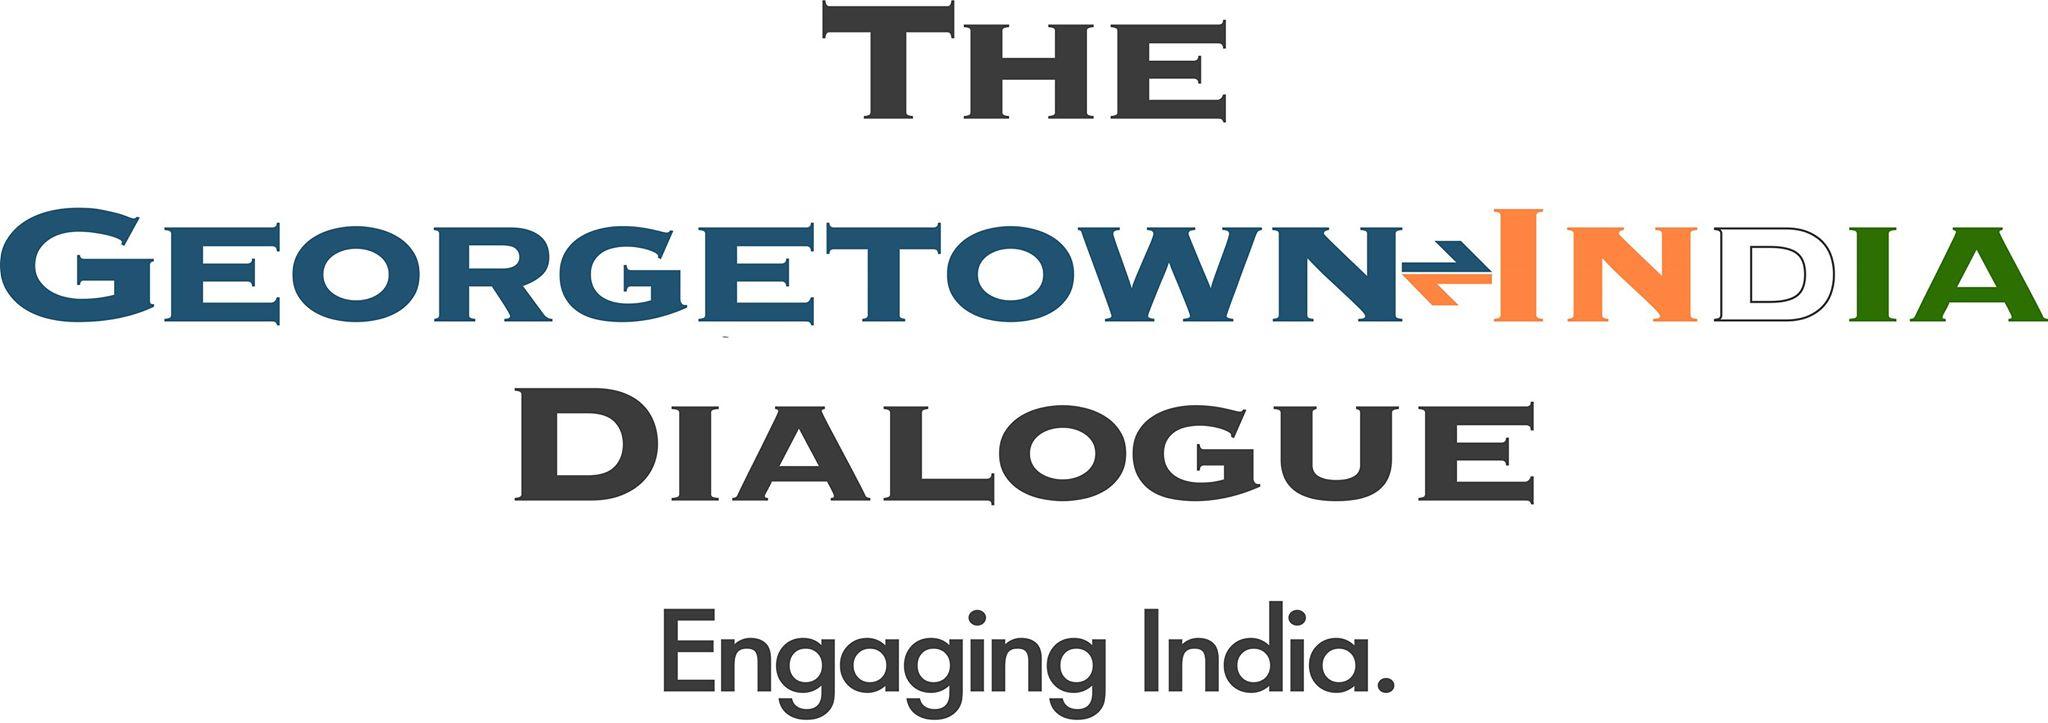 Georgetown India Dialogue JPEG logo